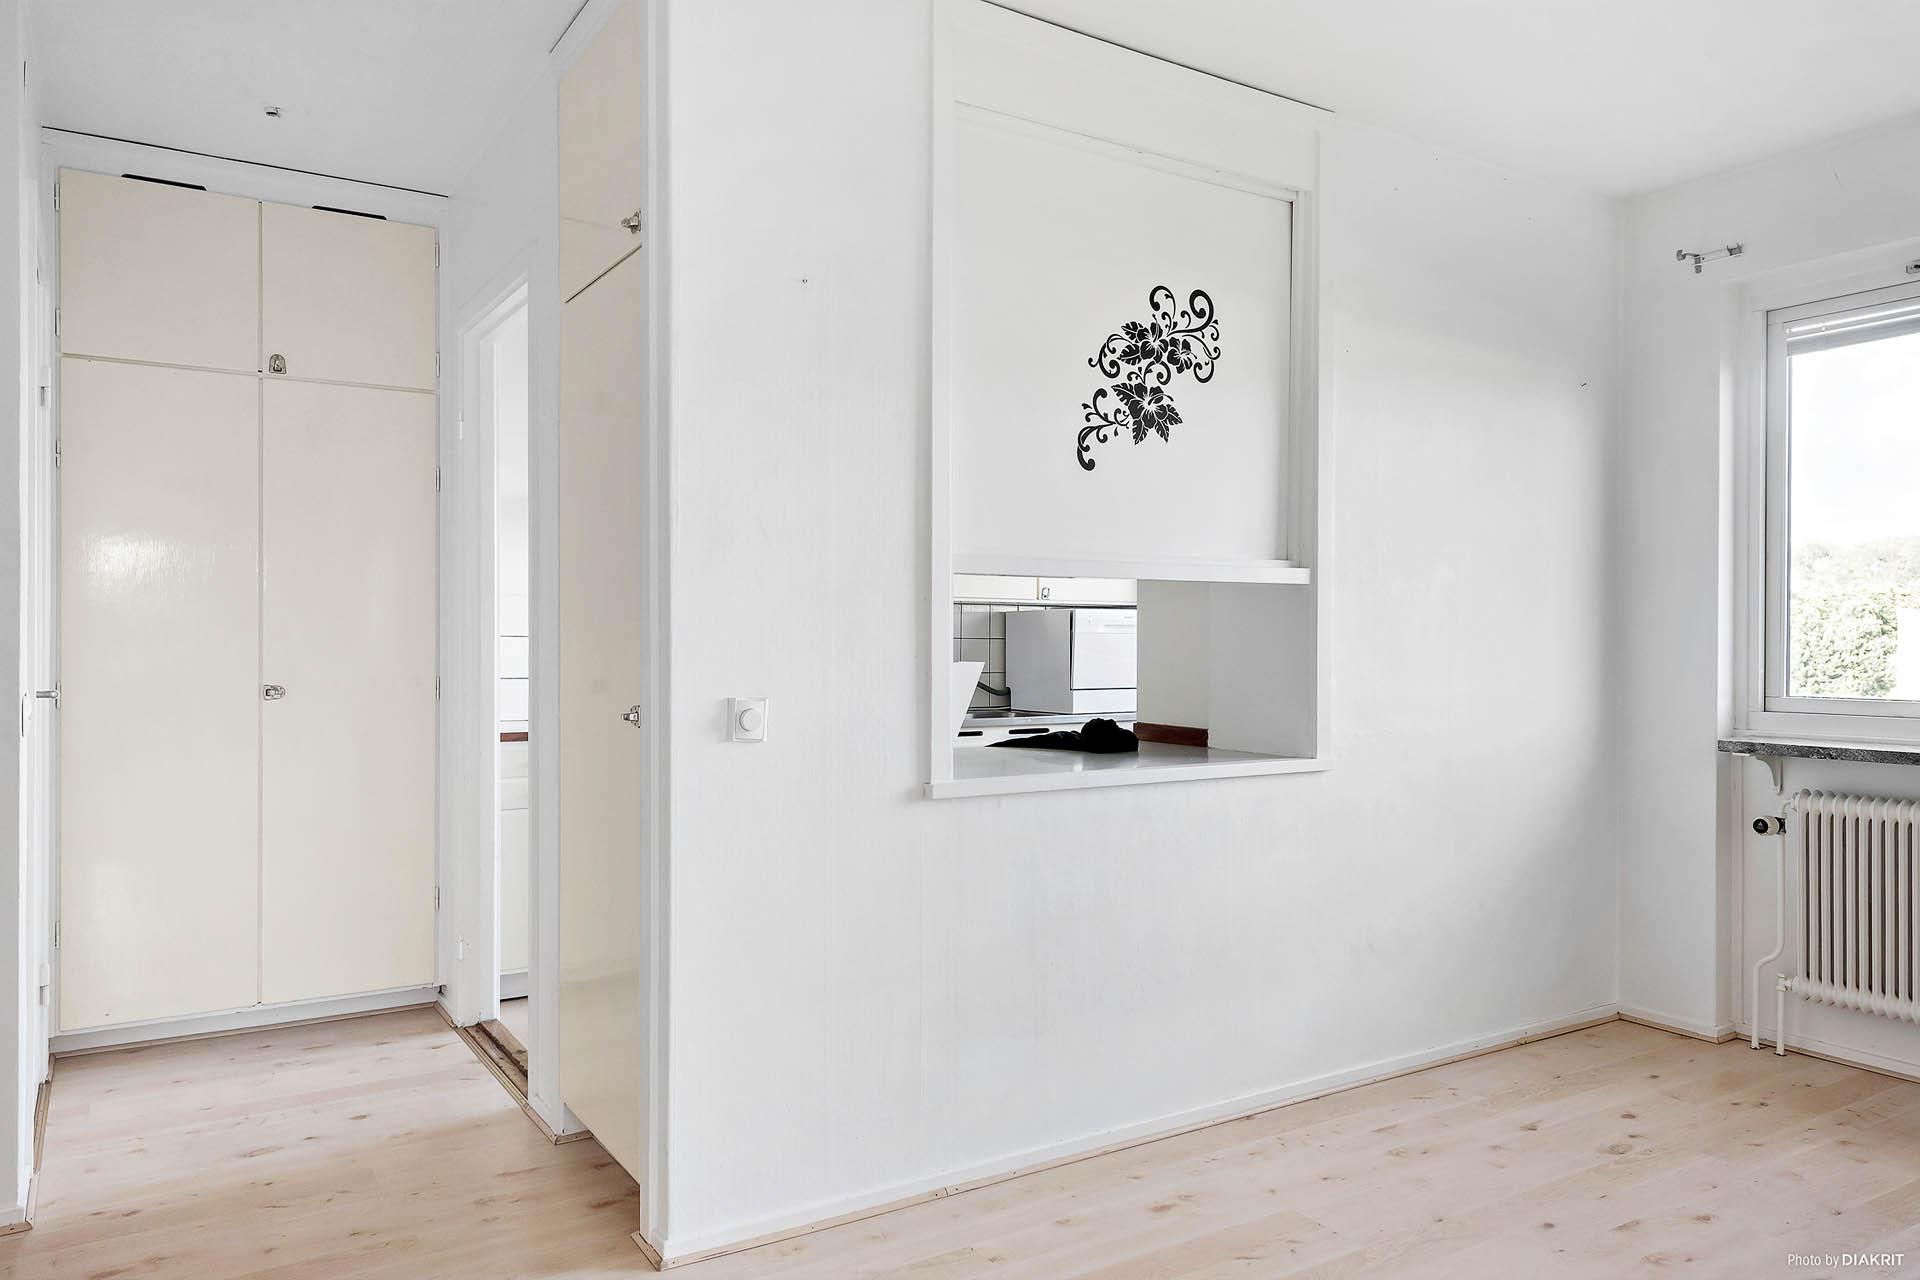 """""""Halvan"""" som kan användas till matrum eller varför inte sovrum då det finns ett fönster i rummet. Användningen styr man själv."""